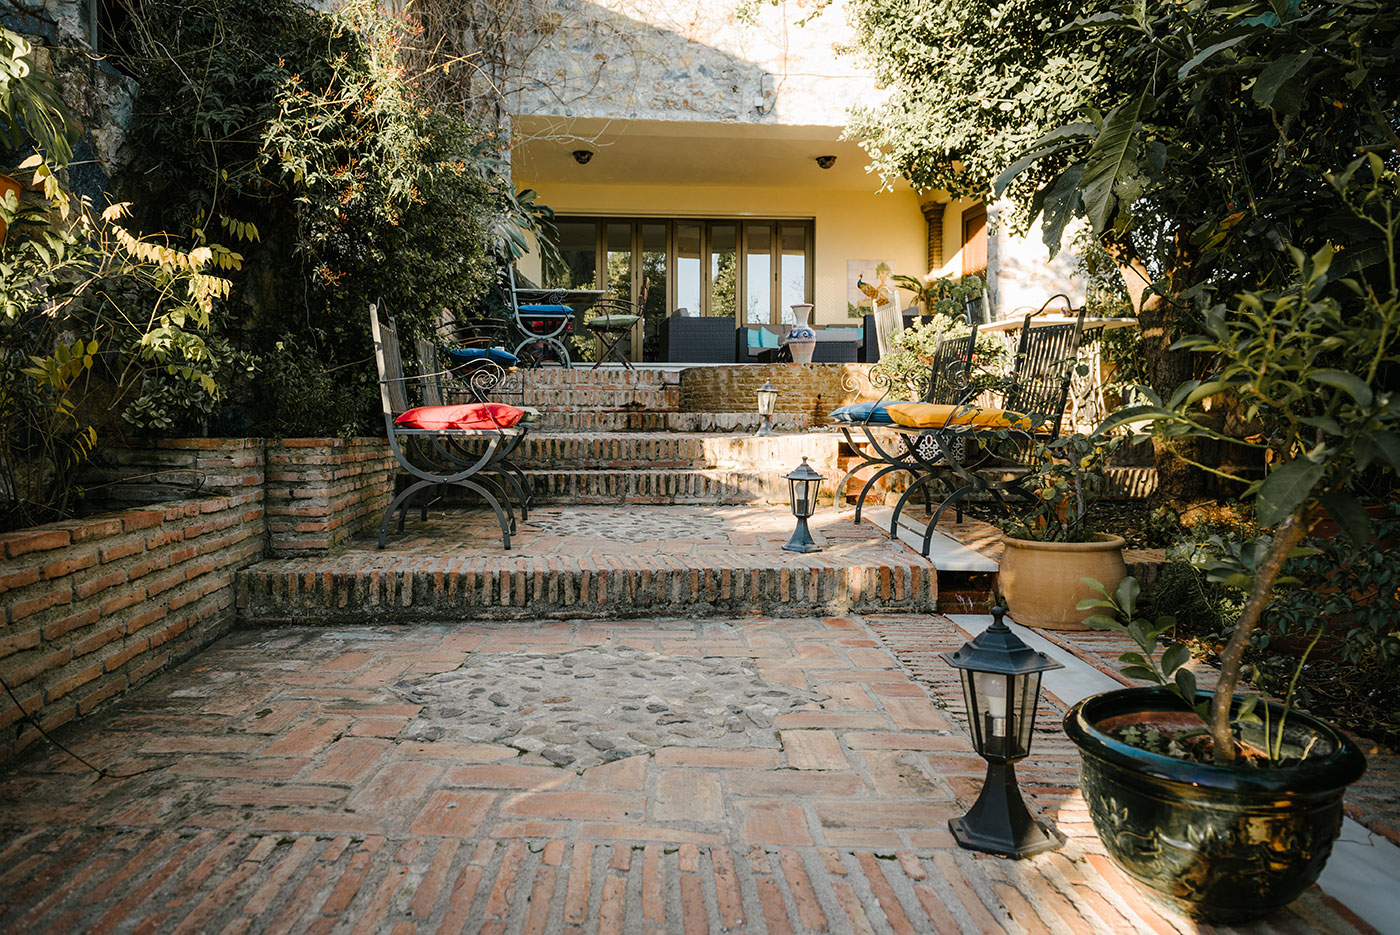 Castillo De Monda Wedding Venue